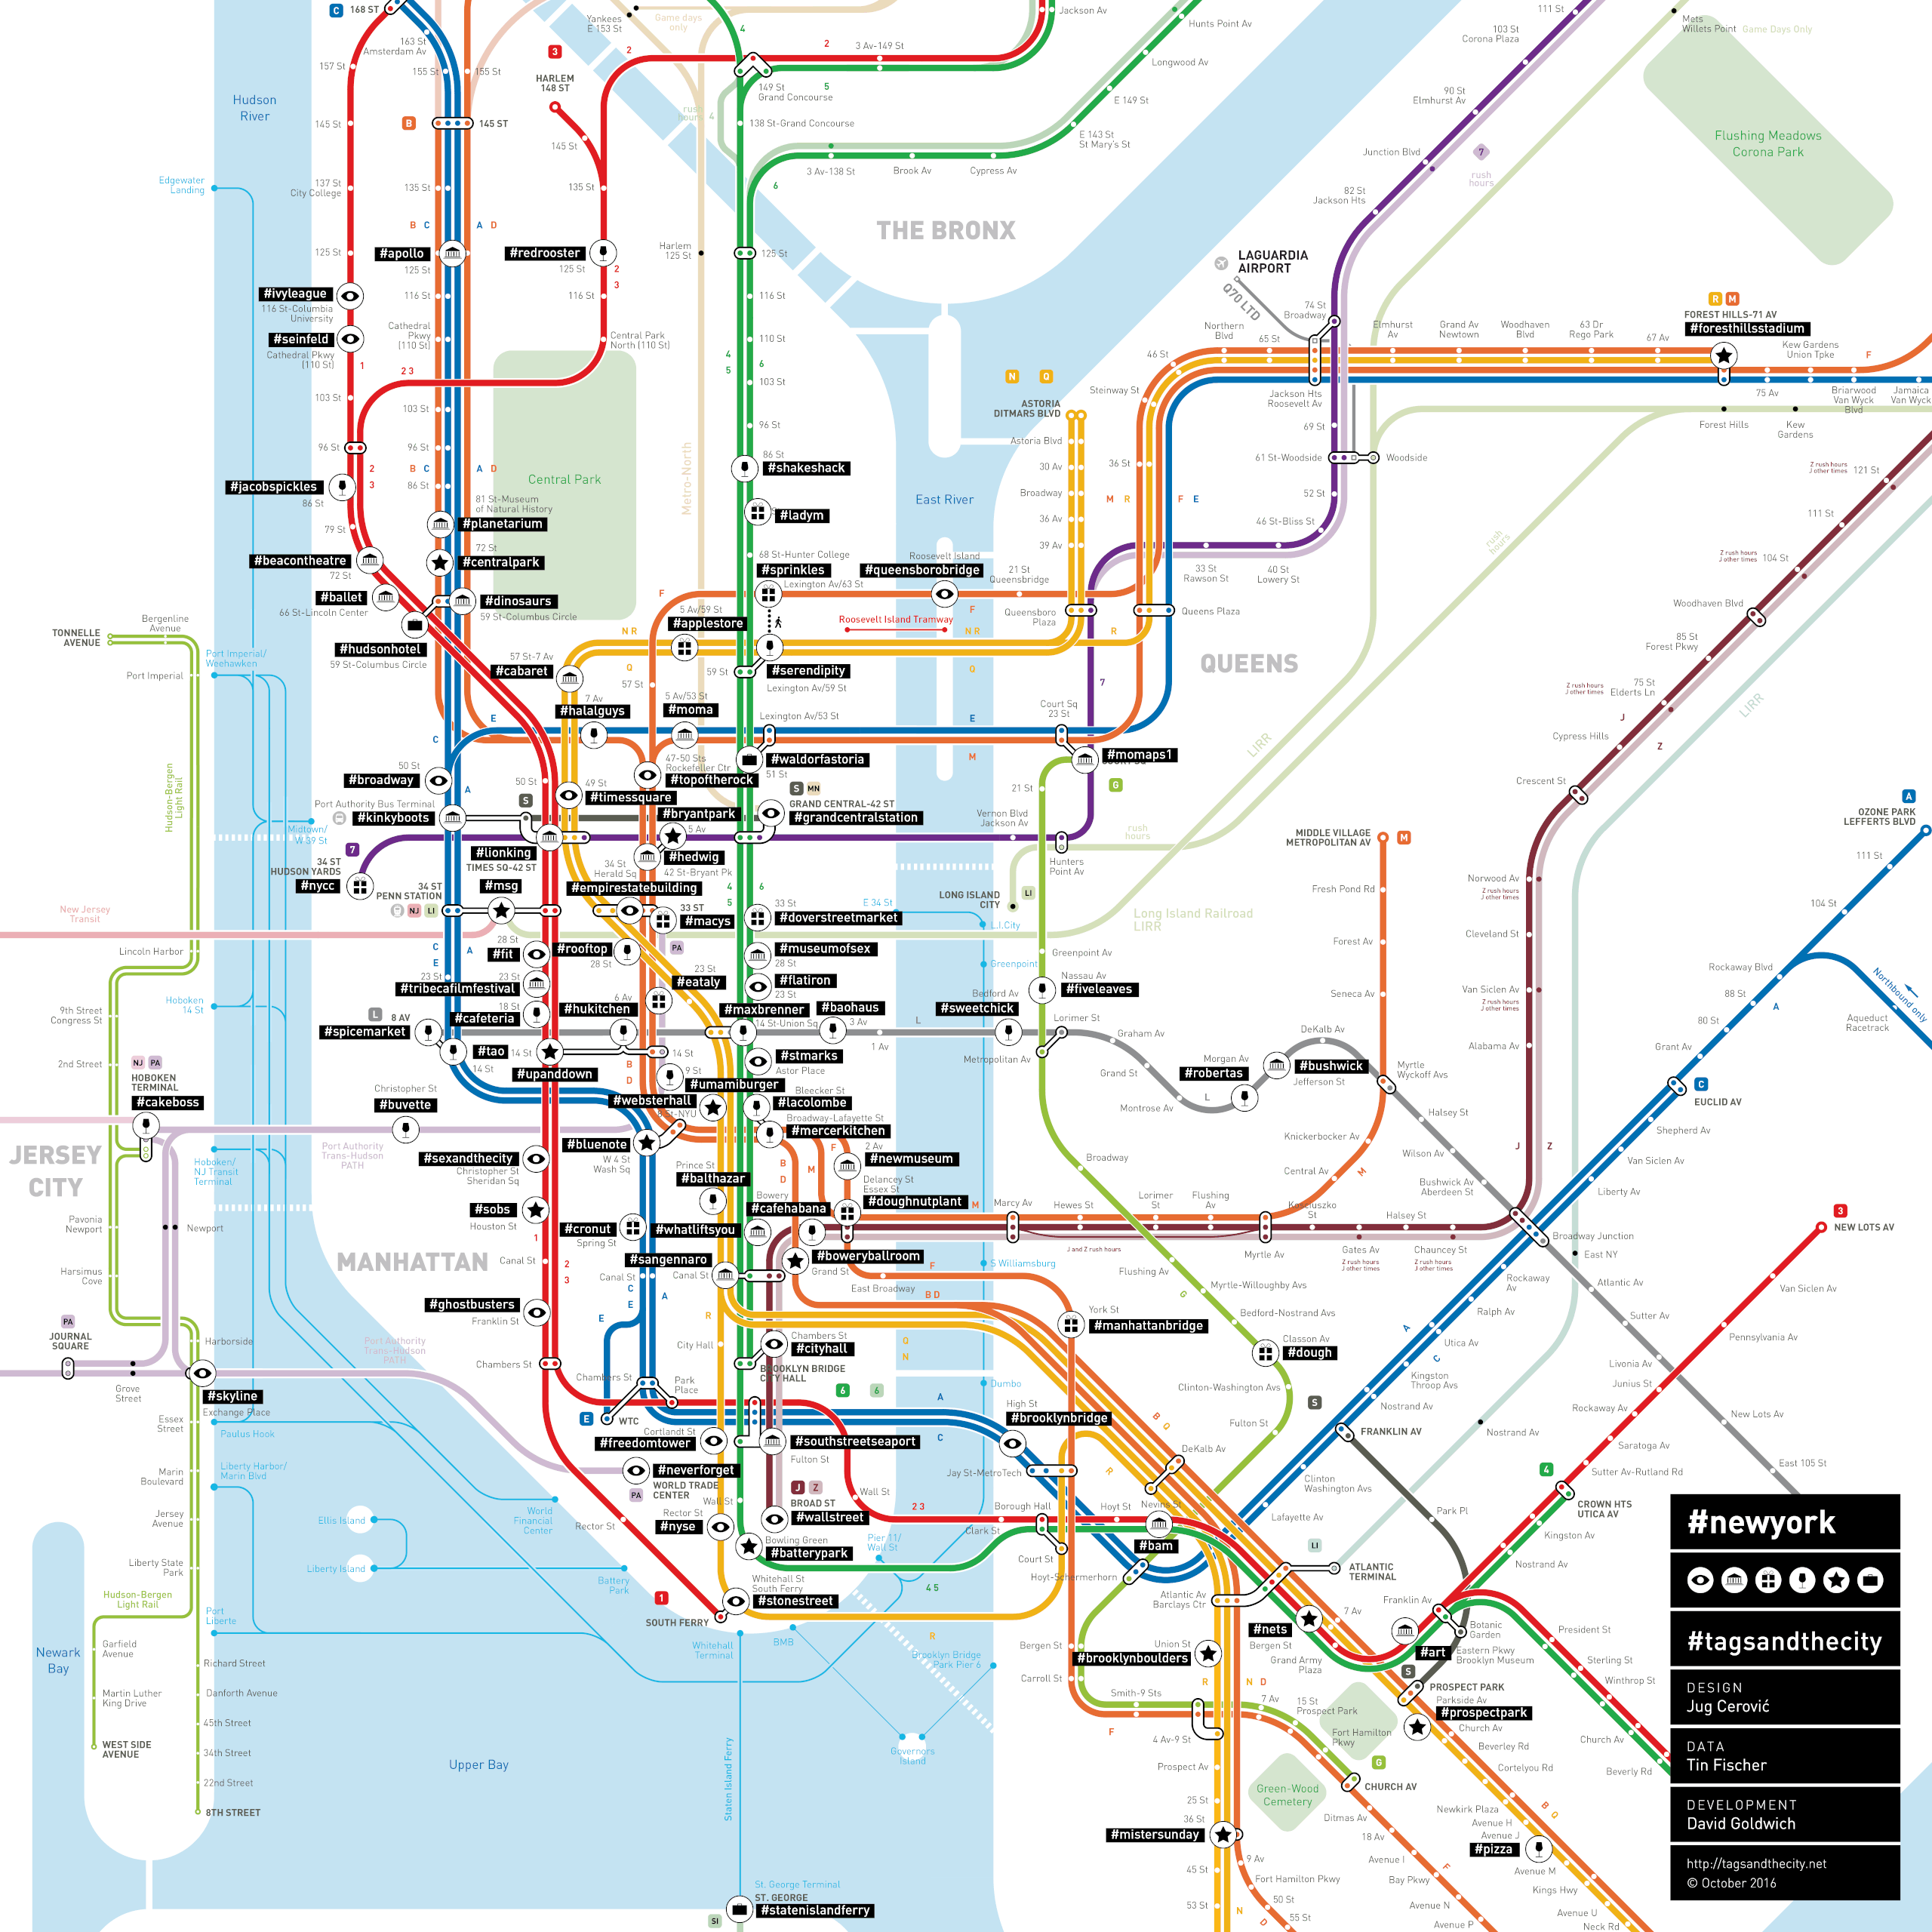 Tagsandthecity  New York - Nyc map with neighborhood names